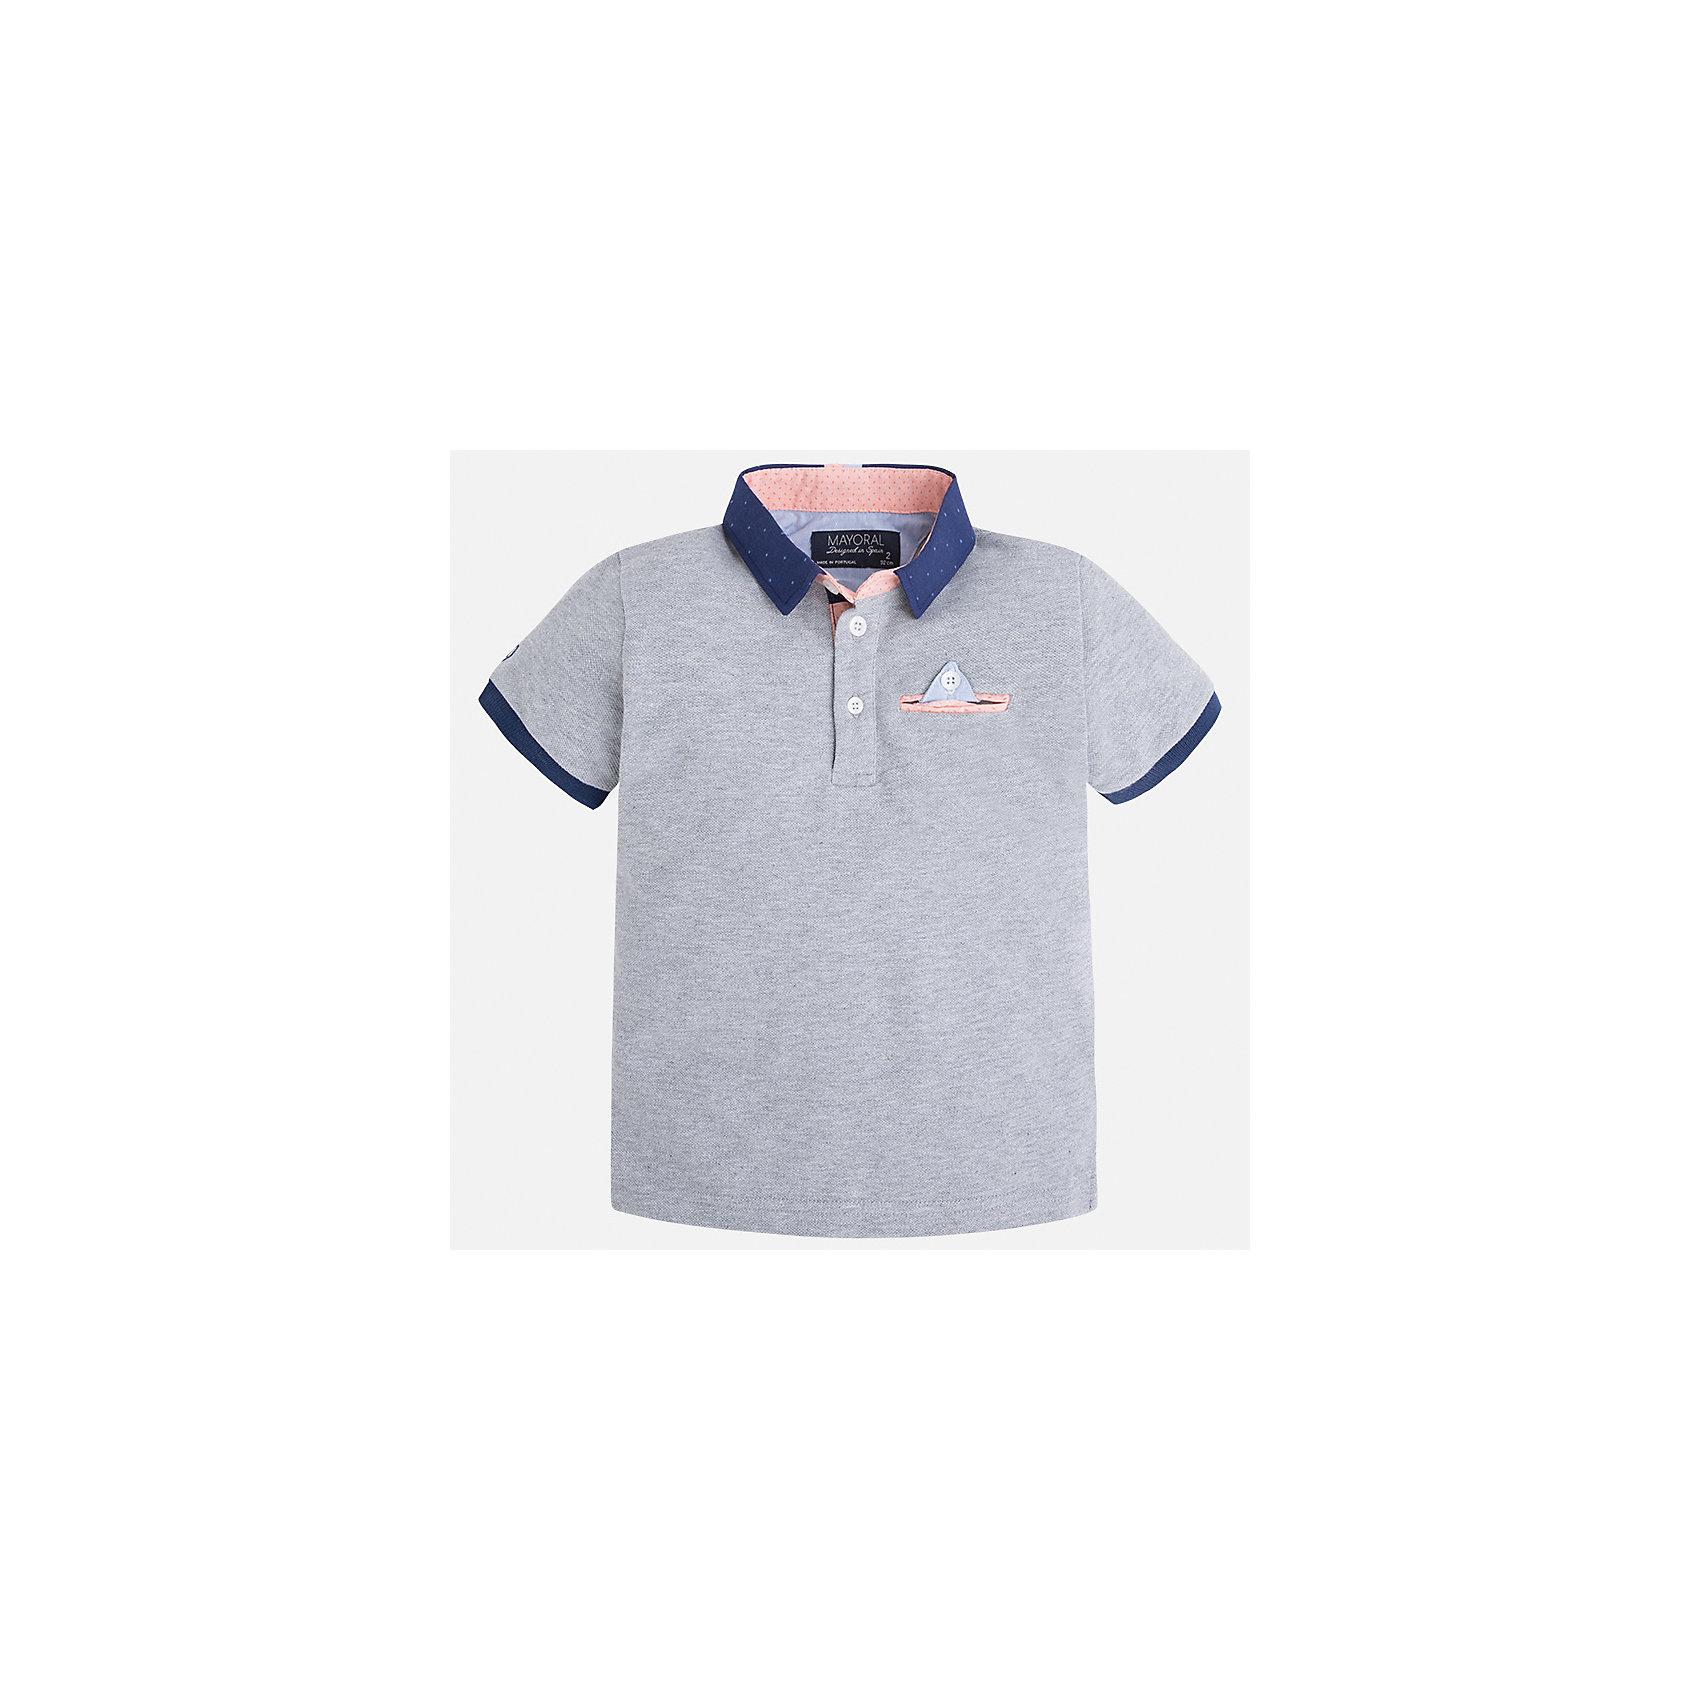 Рубашка-поло для мальчика MayoralХарактеристики товара:<br><br>• цвет: серый<br>• состав: 100% хлопок<br>• отложной воротник<br>• короткие рукава<br>• застежка: пуговицы<br>• карман на груди<br>• страна бренда: Испания<br><br>Модная рубашка-поло для мальчика может стать базовой вещью в гардеробе ребенка. Она отлично сочетается с брюками, шортами, джинсами и т.д. Универсальный крой и цвет позволяет подобрать к вещи низ разных расцветок. Практичное и стильное изделие! В составе материала - только натуральный хлопок, гипоаллергенный, приятный на ощупь, дышащий.<br><br>Одежда, обувь и аксессуары от испанского бренда Mayoral полюбились детям и взрослым по всему миру. Модели этой марки - стильные и удобные. Для их производства используются только безопасные, качественные материалы и фурнитура. Порадуйте ребенка модными и красивыми вещами от Mayoral! <br><br>Рубашку-поло для мальчика от испанского бренда Mayoral (Майорал) можно купить в нашем интернет-магазине.<br><br>Ширина мм: 230<br>Глубина мм: 40<br>Высота мм: 220<br>Вес г: 250<br>Цвет: серый<br>Возраст от месяцев: 84<br>Возраст до месяцев: 96<br>Пол: Мужской<br>Возраст: Детский<br>Размер: 128,116,92,98,104,110,134,122<br>SKU: 5280327